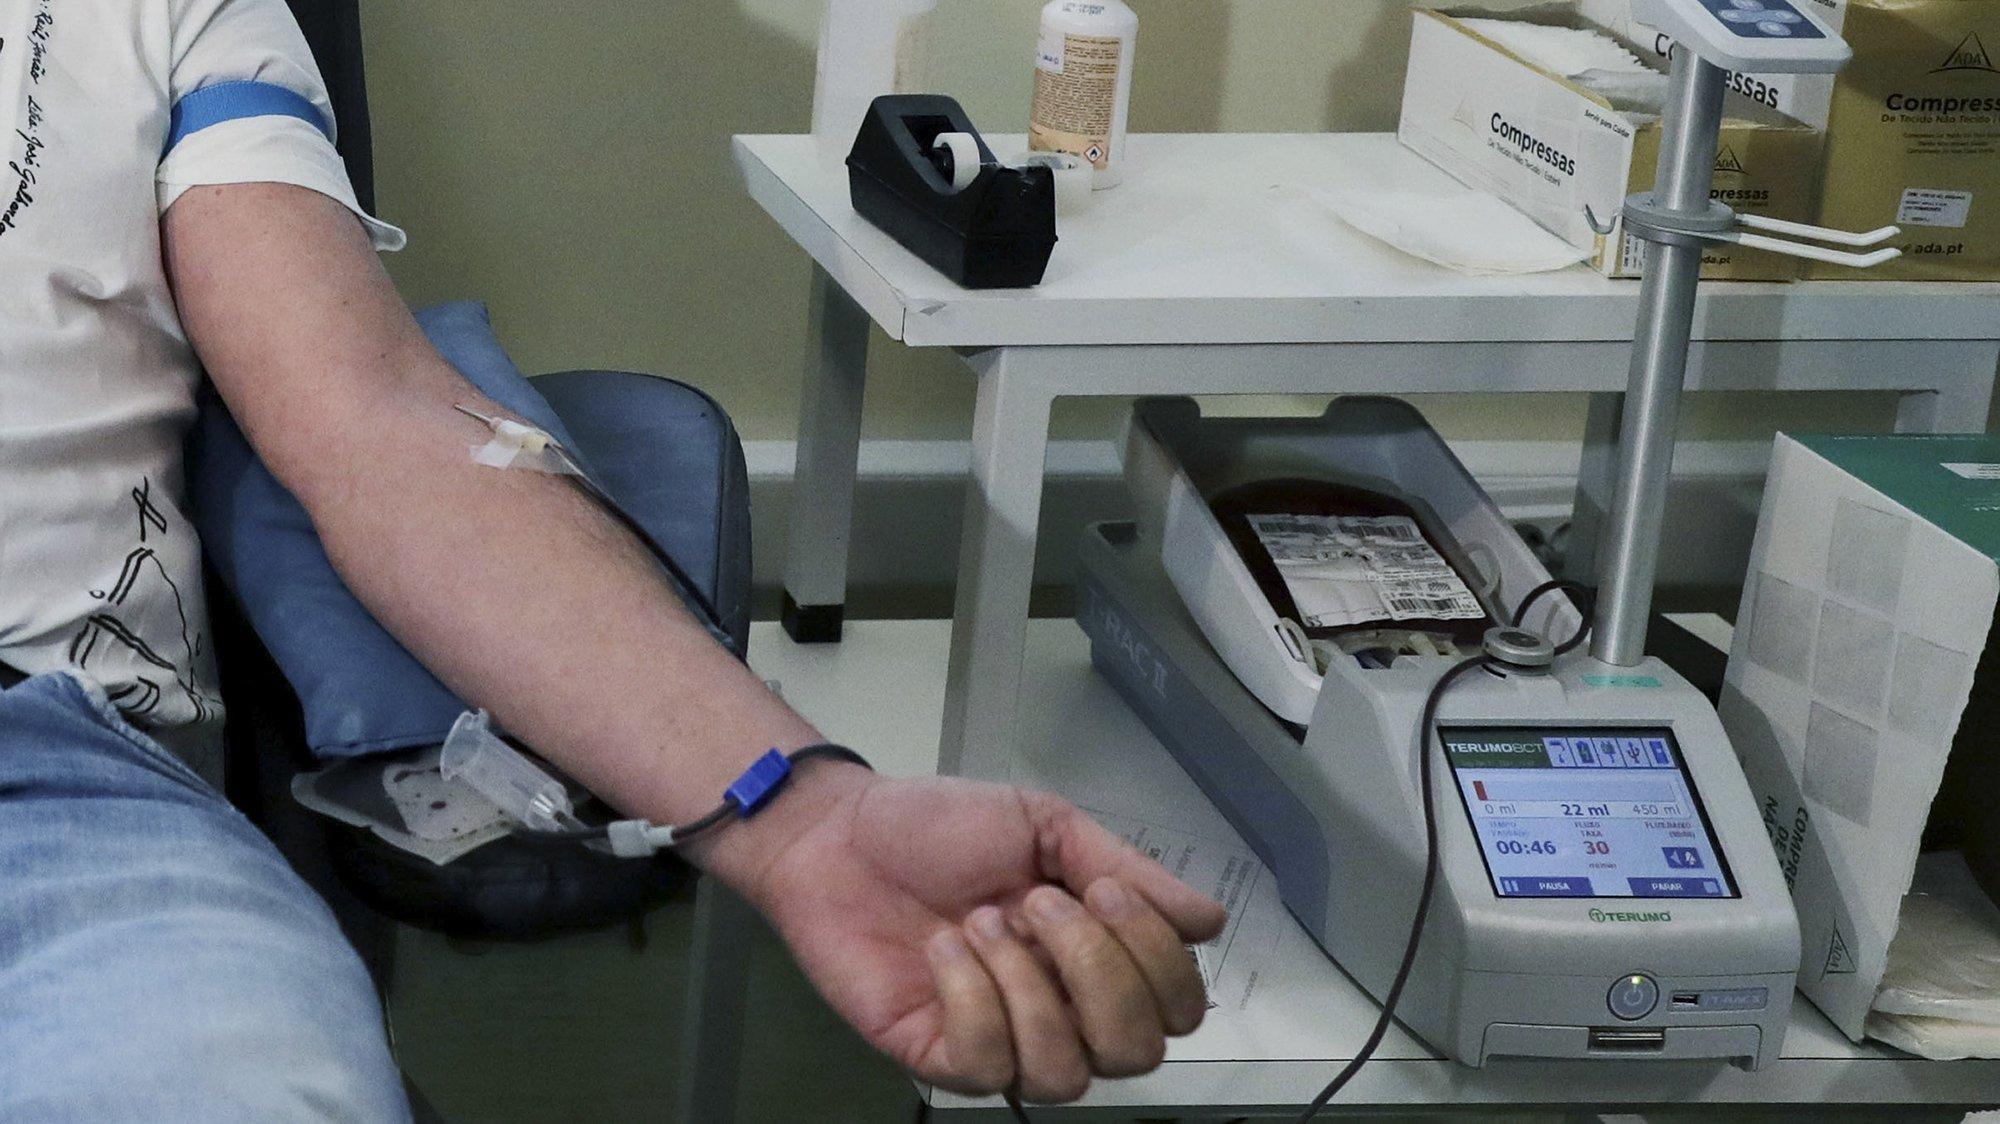 Doação de sangue no Centro Hospitalar Universitário de São João, no Porto, 11 de janeiro de 2021. ESTELA SILVA/LUSA